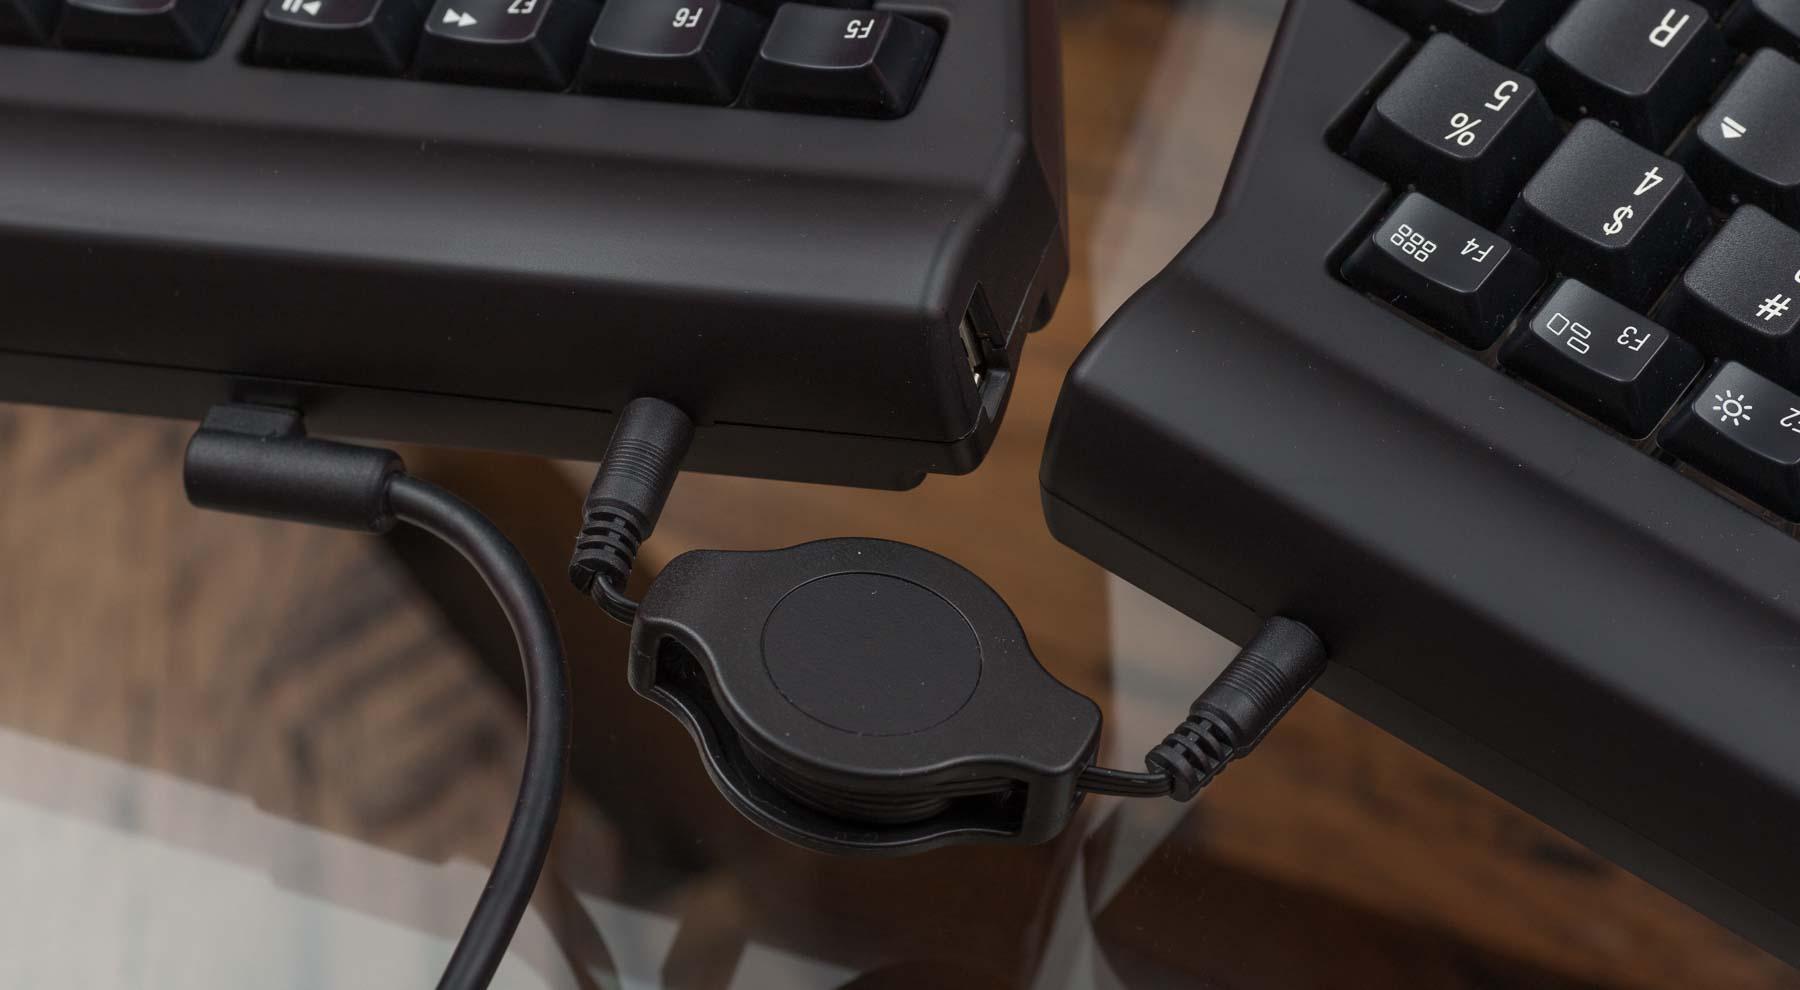 the matias ergo pro keyboard. Black Bedroom Furniture Sets. Home Design Ideas